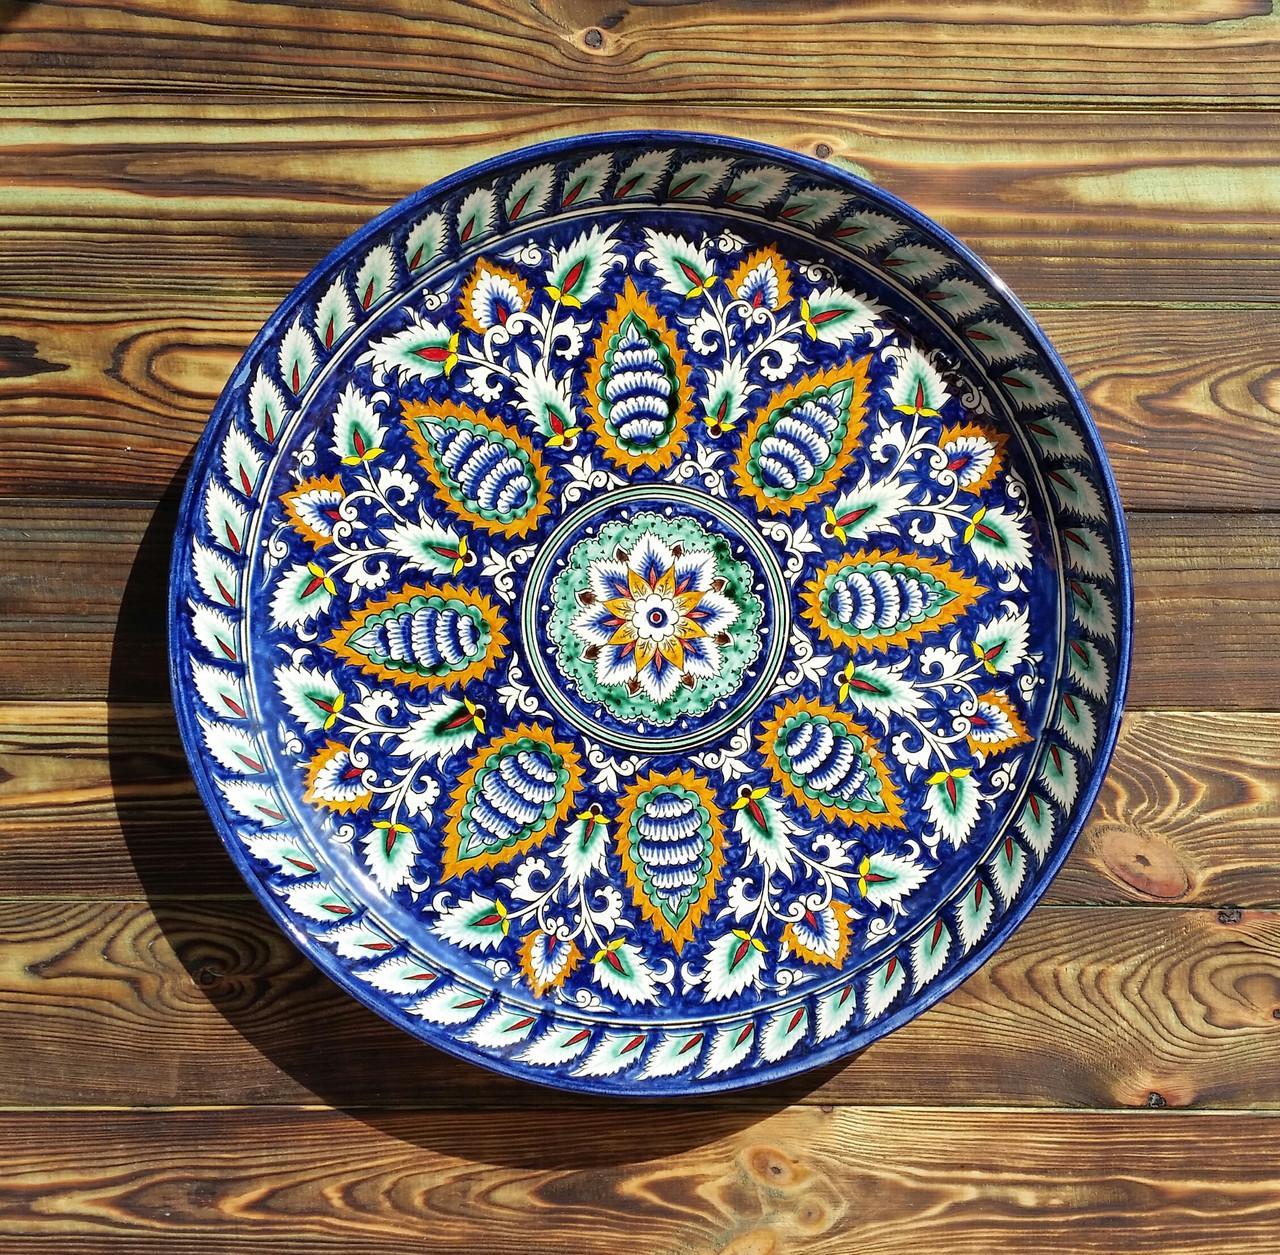 Ляган из керамики d 37 см. Риштан, Узбекистан